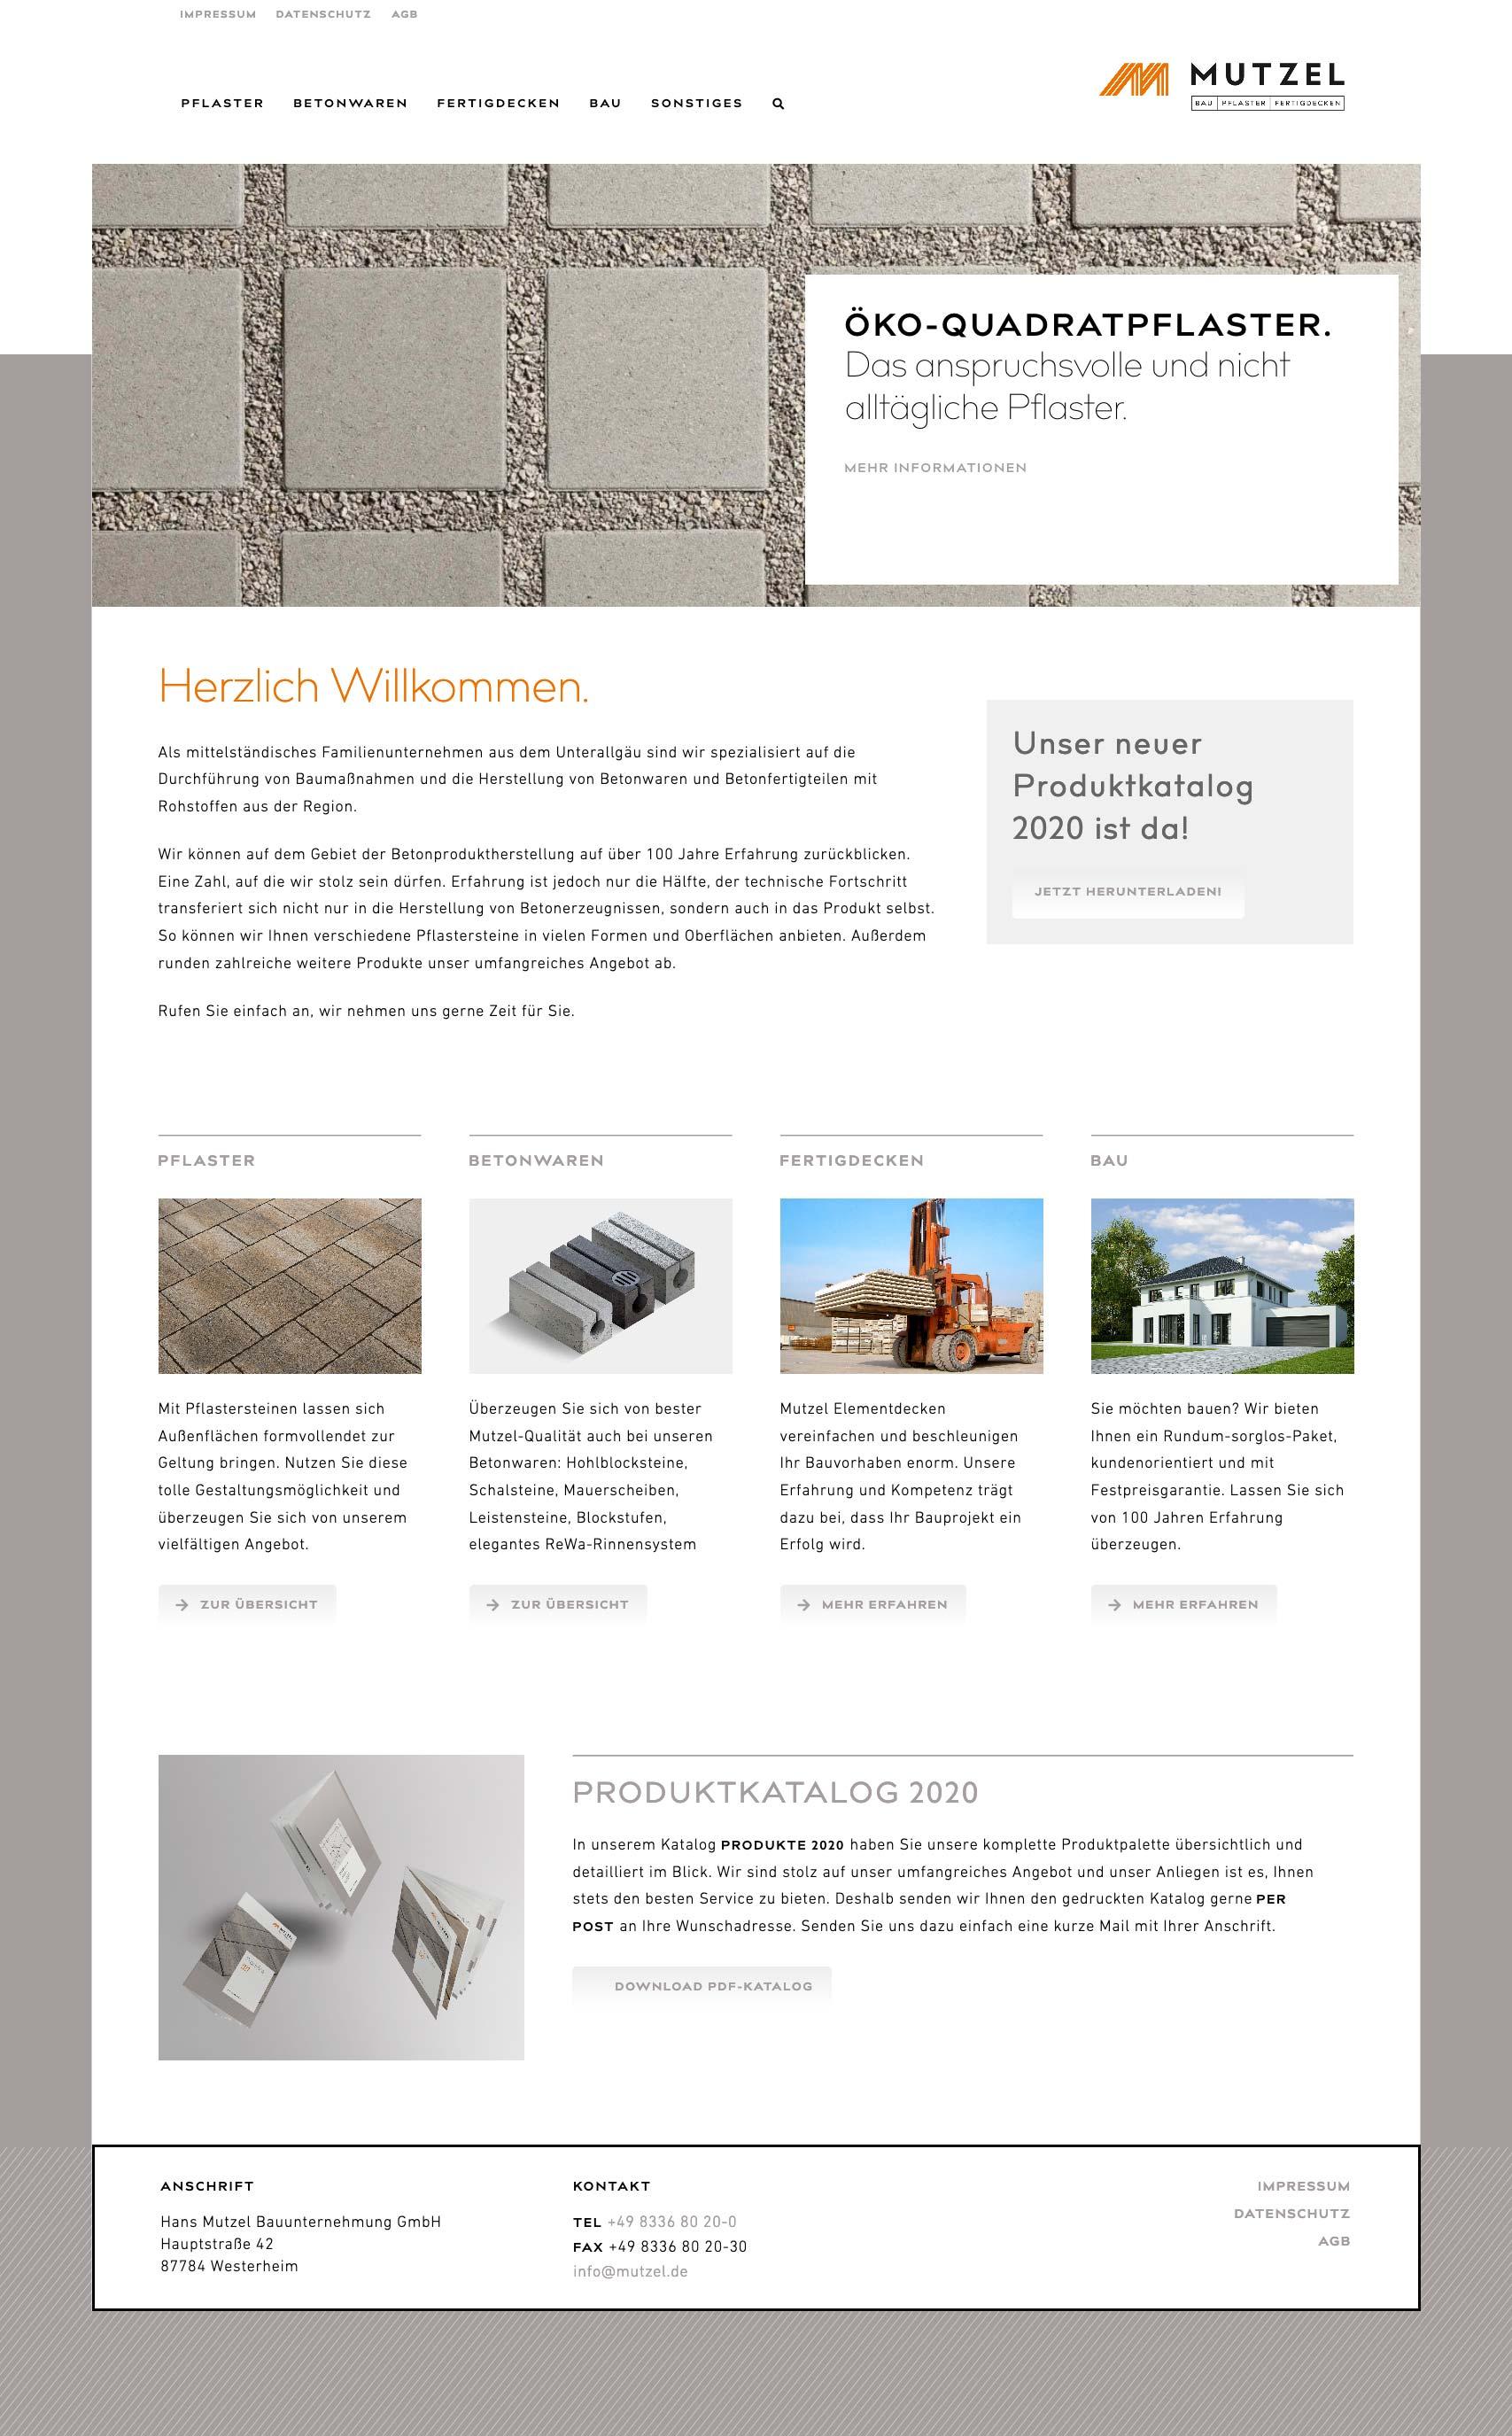 Internetseite für Bauunternehmen und Baustoffhersteller Mutzel aus Westerheim im Allgäu